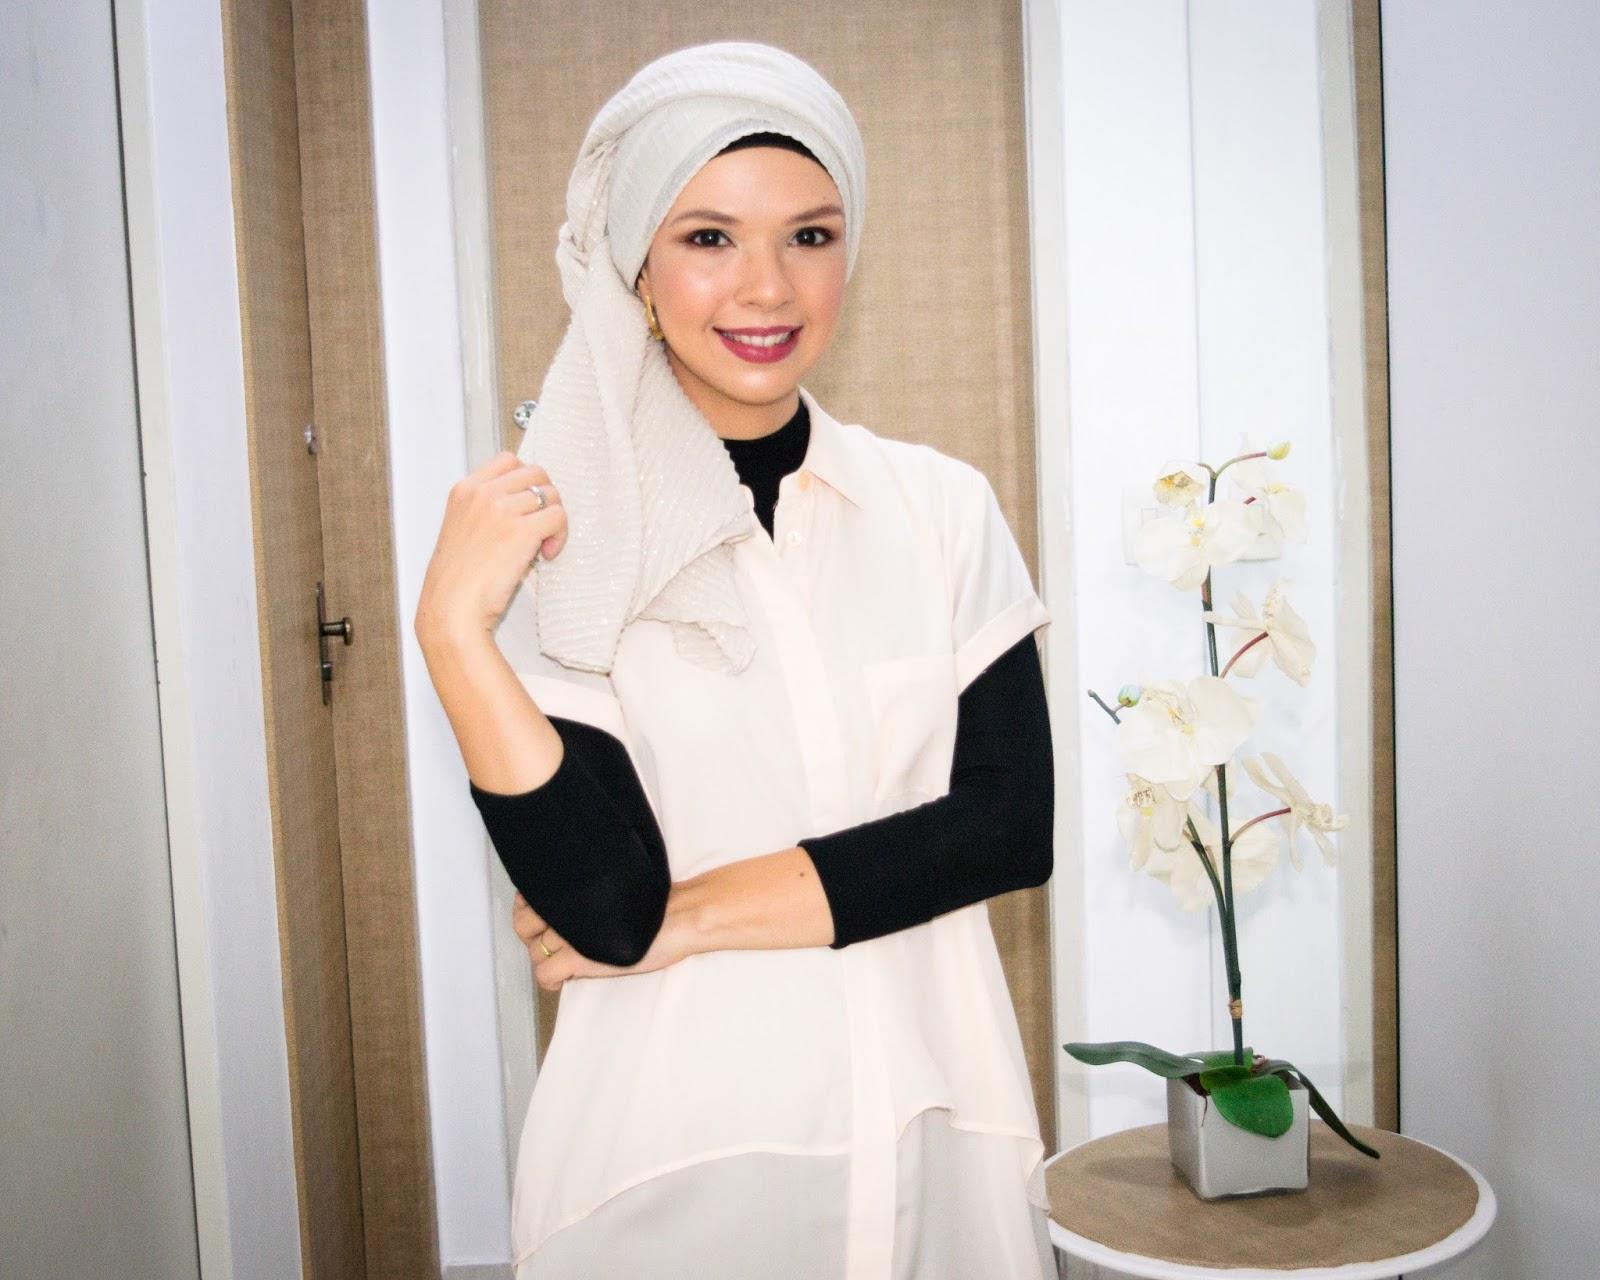 OOTD // Resoluções, freebies e look da véspera do ano novo - Simplicity in Vogue / @ByAndreaB - resoluções de ano novo, modéstia, moda religiosa, moda muçulmana, muçulmana brasileira, como usar camisa vestido, como usar hijab, estilos de hijab, estilos de turbante, freebies, tela de proteção do computador, baixe de graça, arte gráfica, mensagens positivas